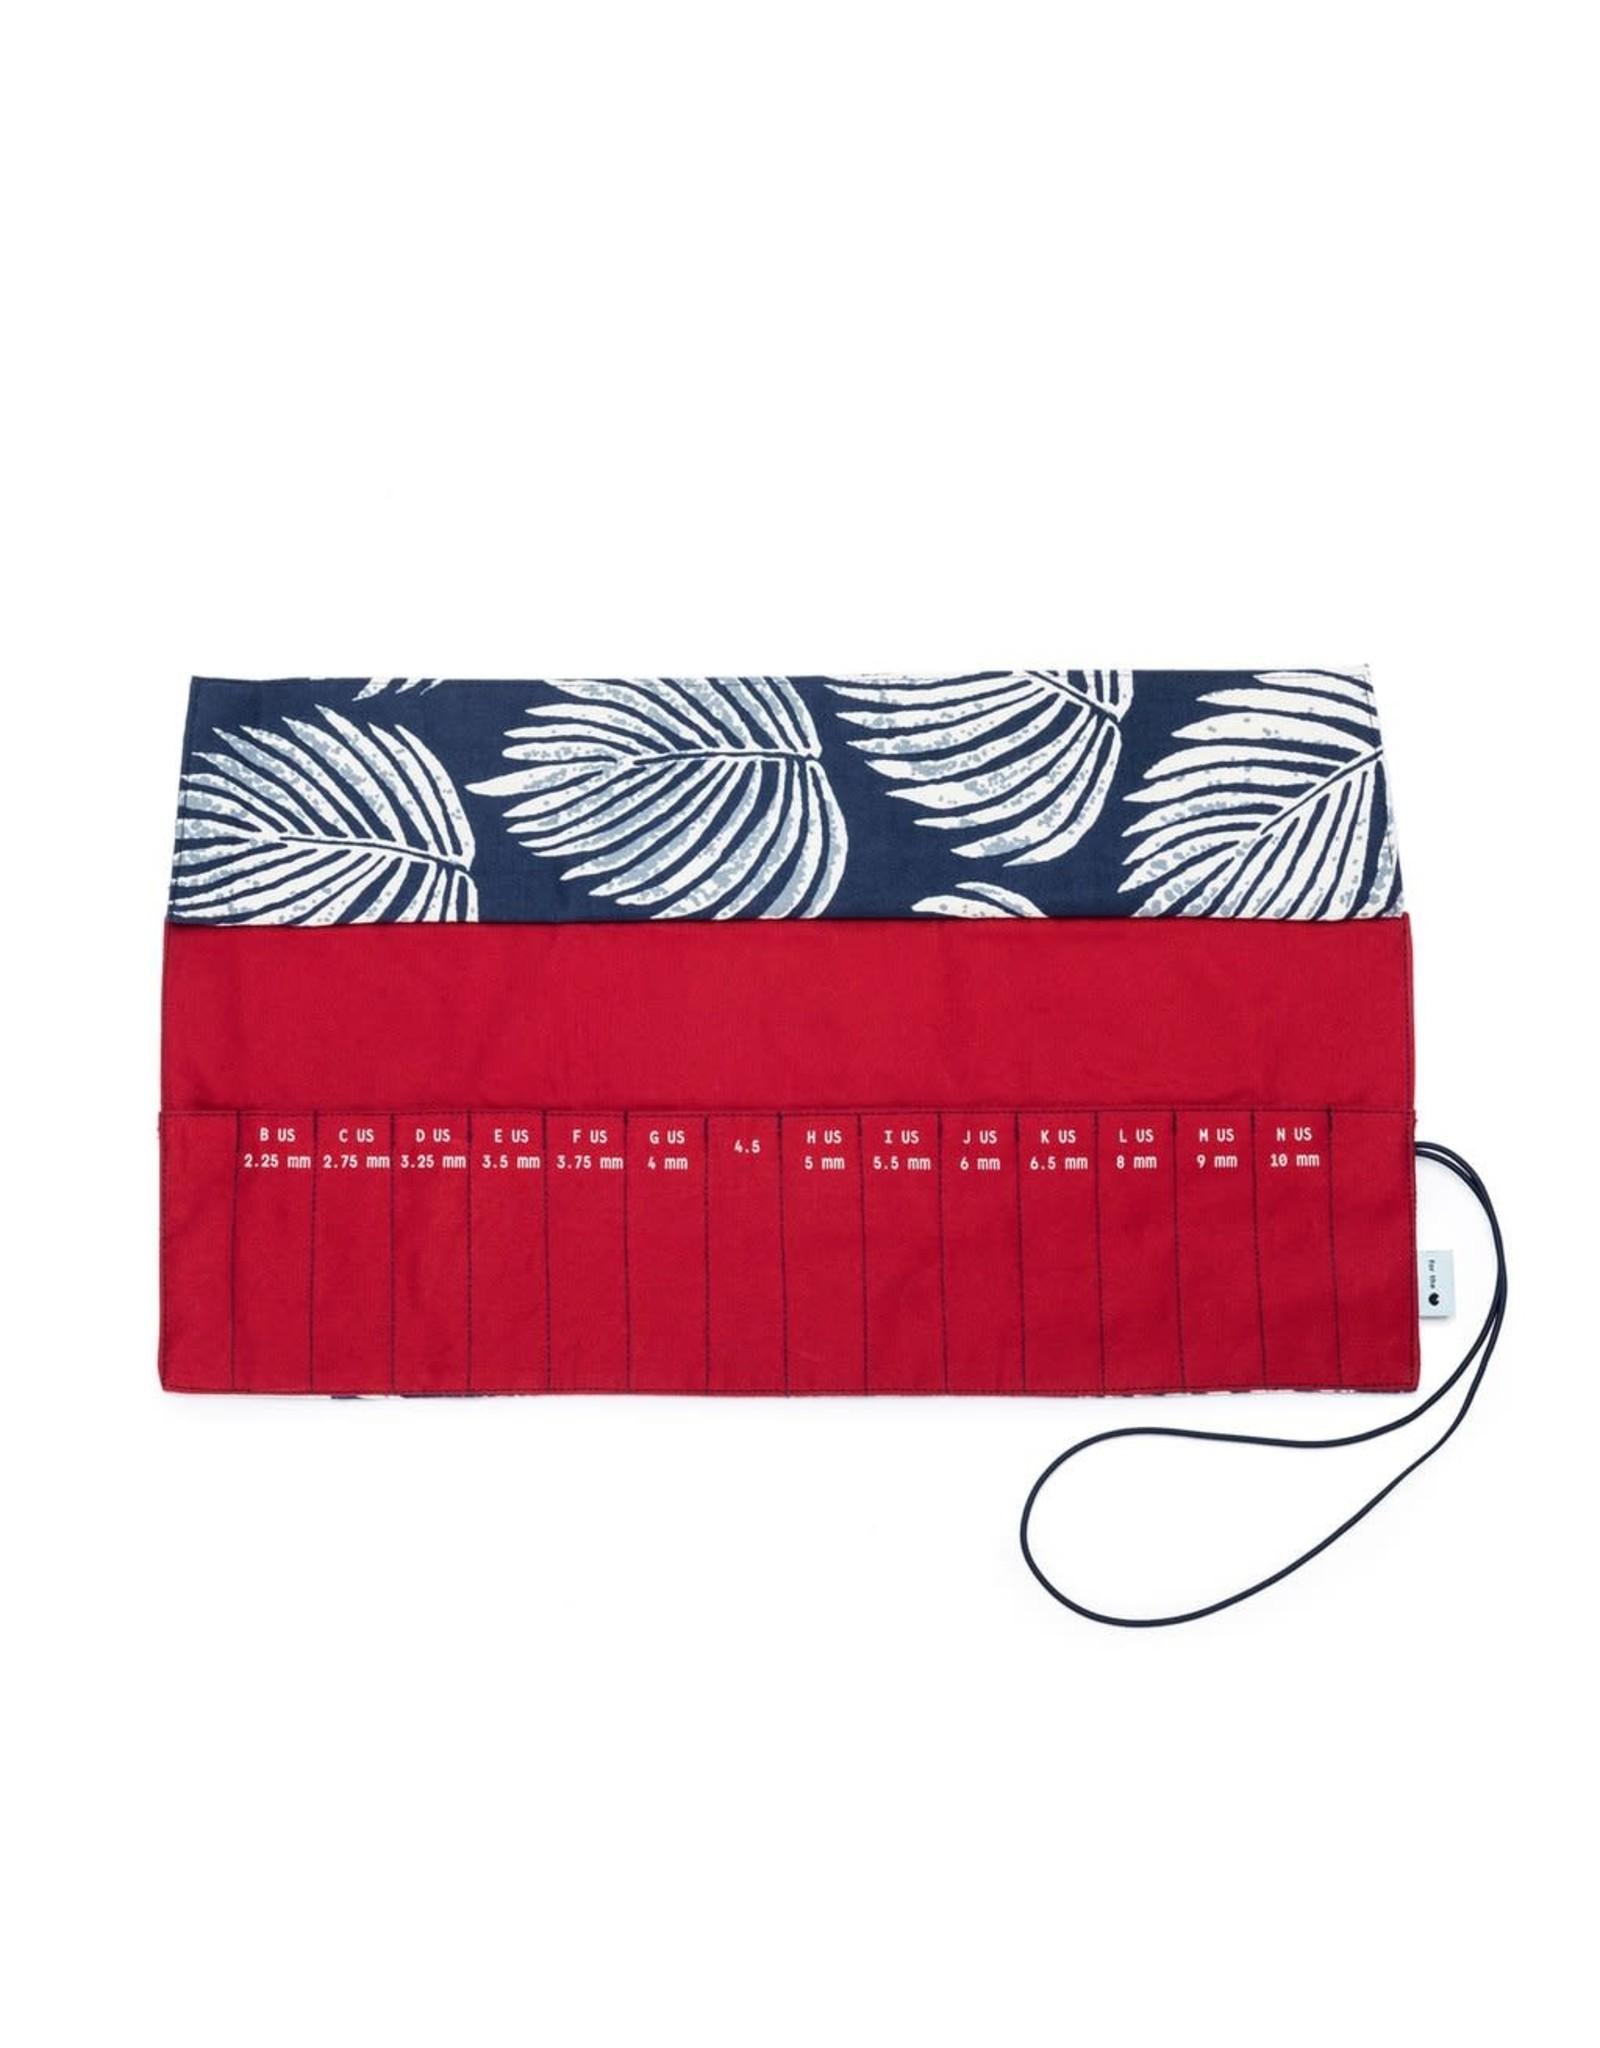 Della Q - Crochet Roll - Leaf/Red Cotton